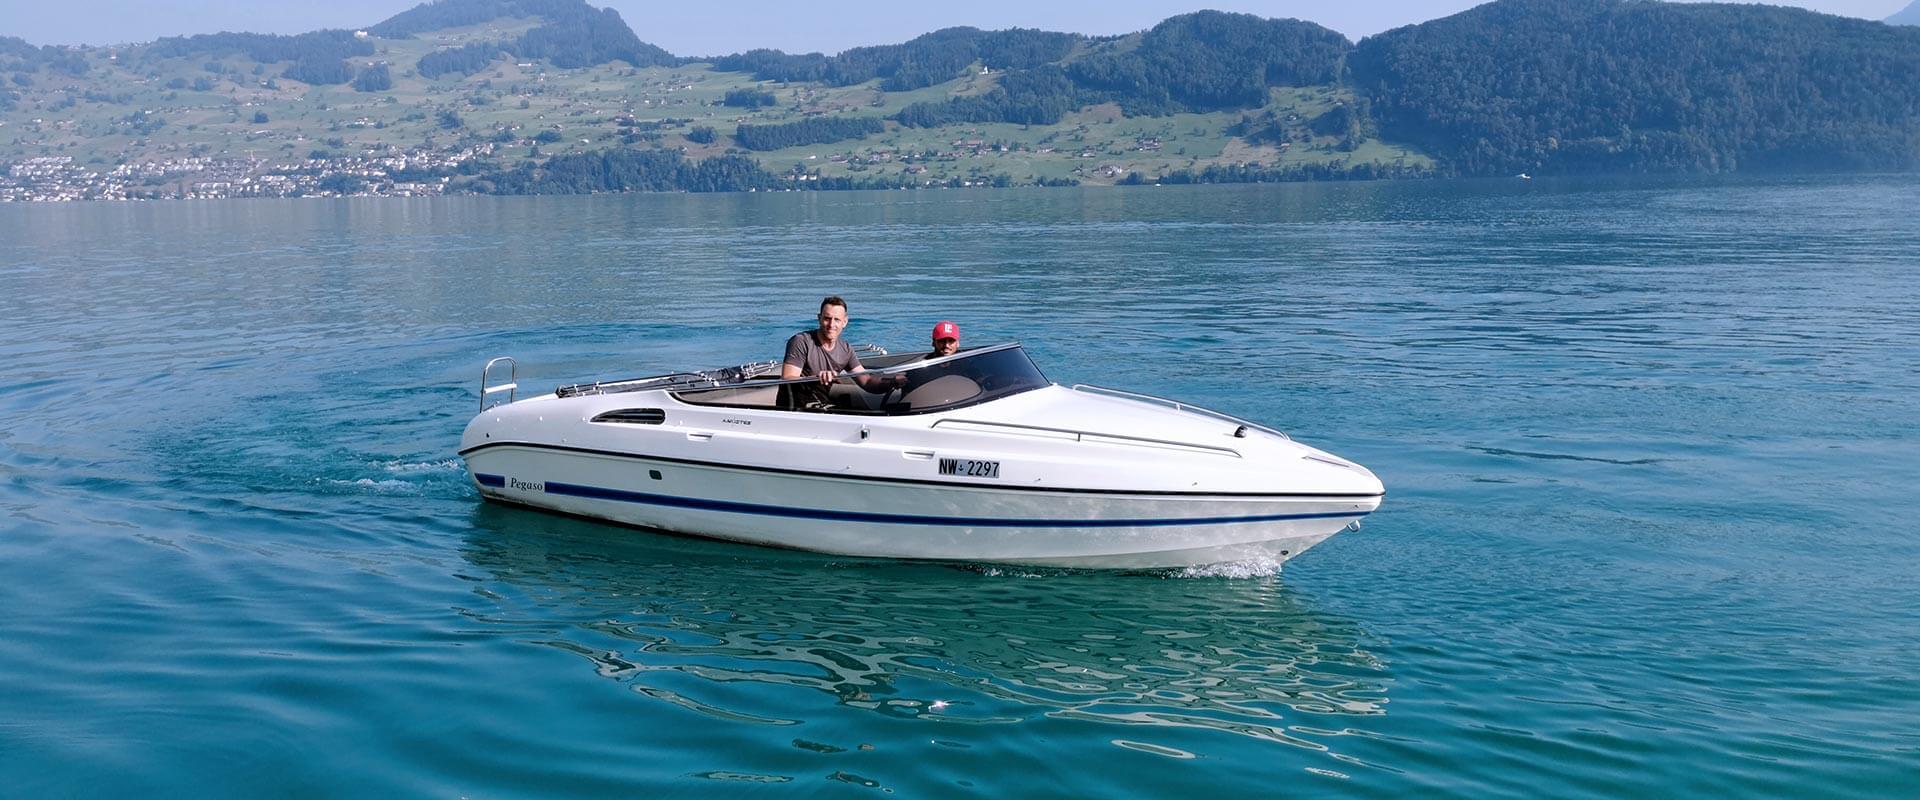 boat4fun-vierwaldstaettersee